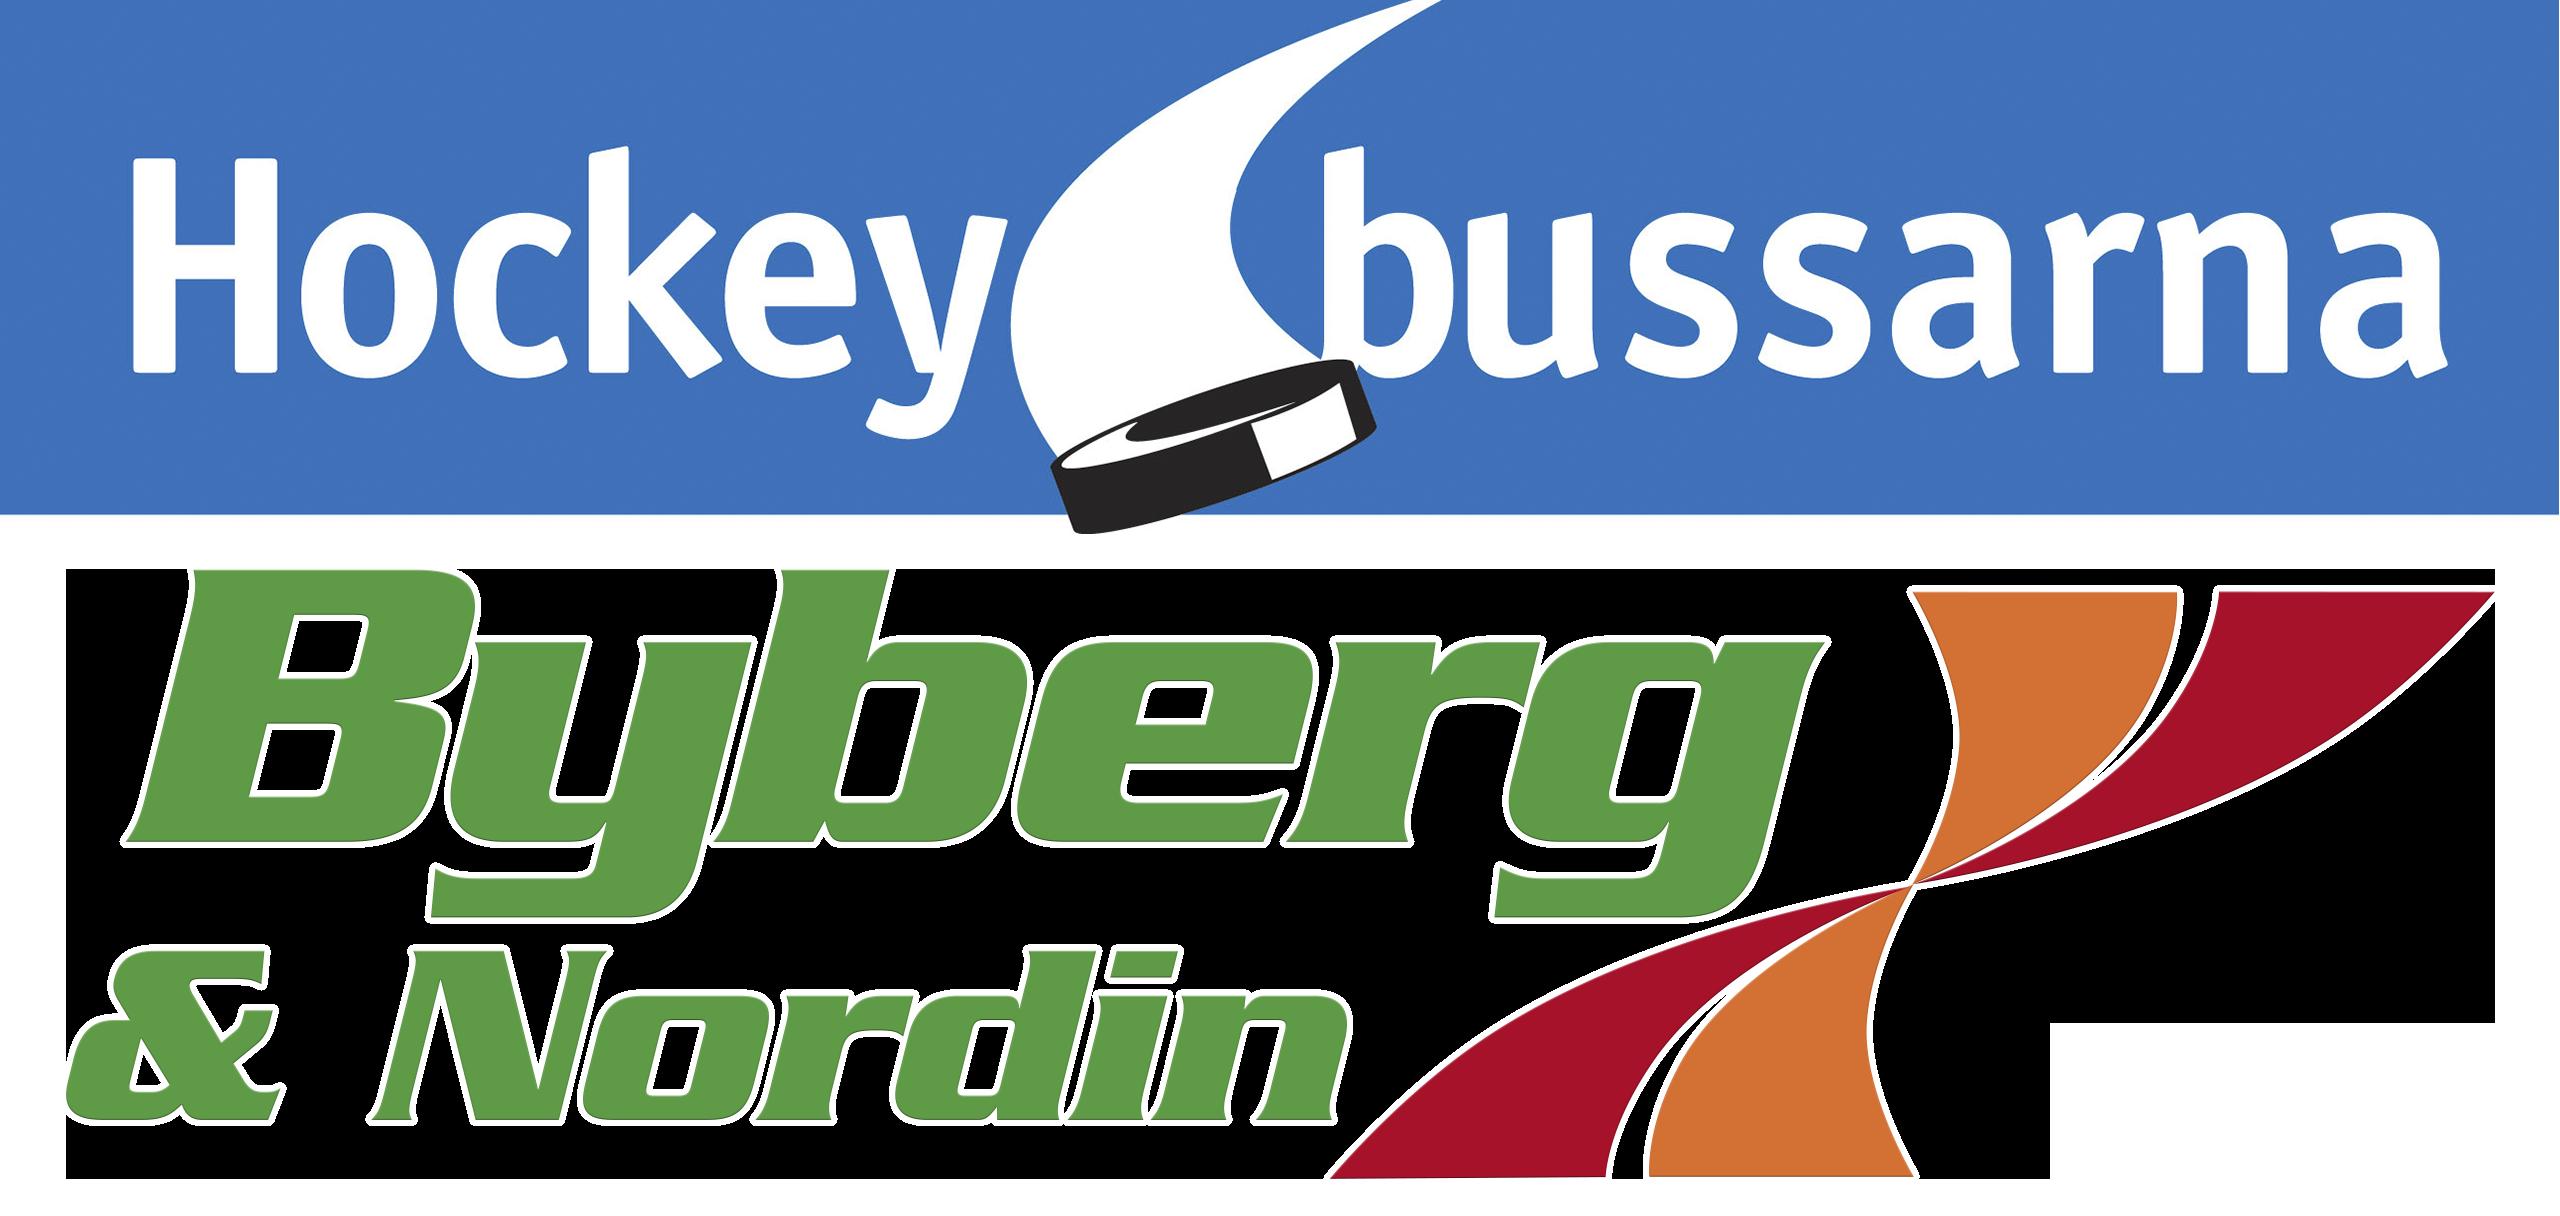 Hockeybussarna